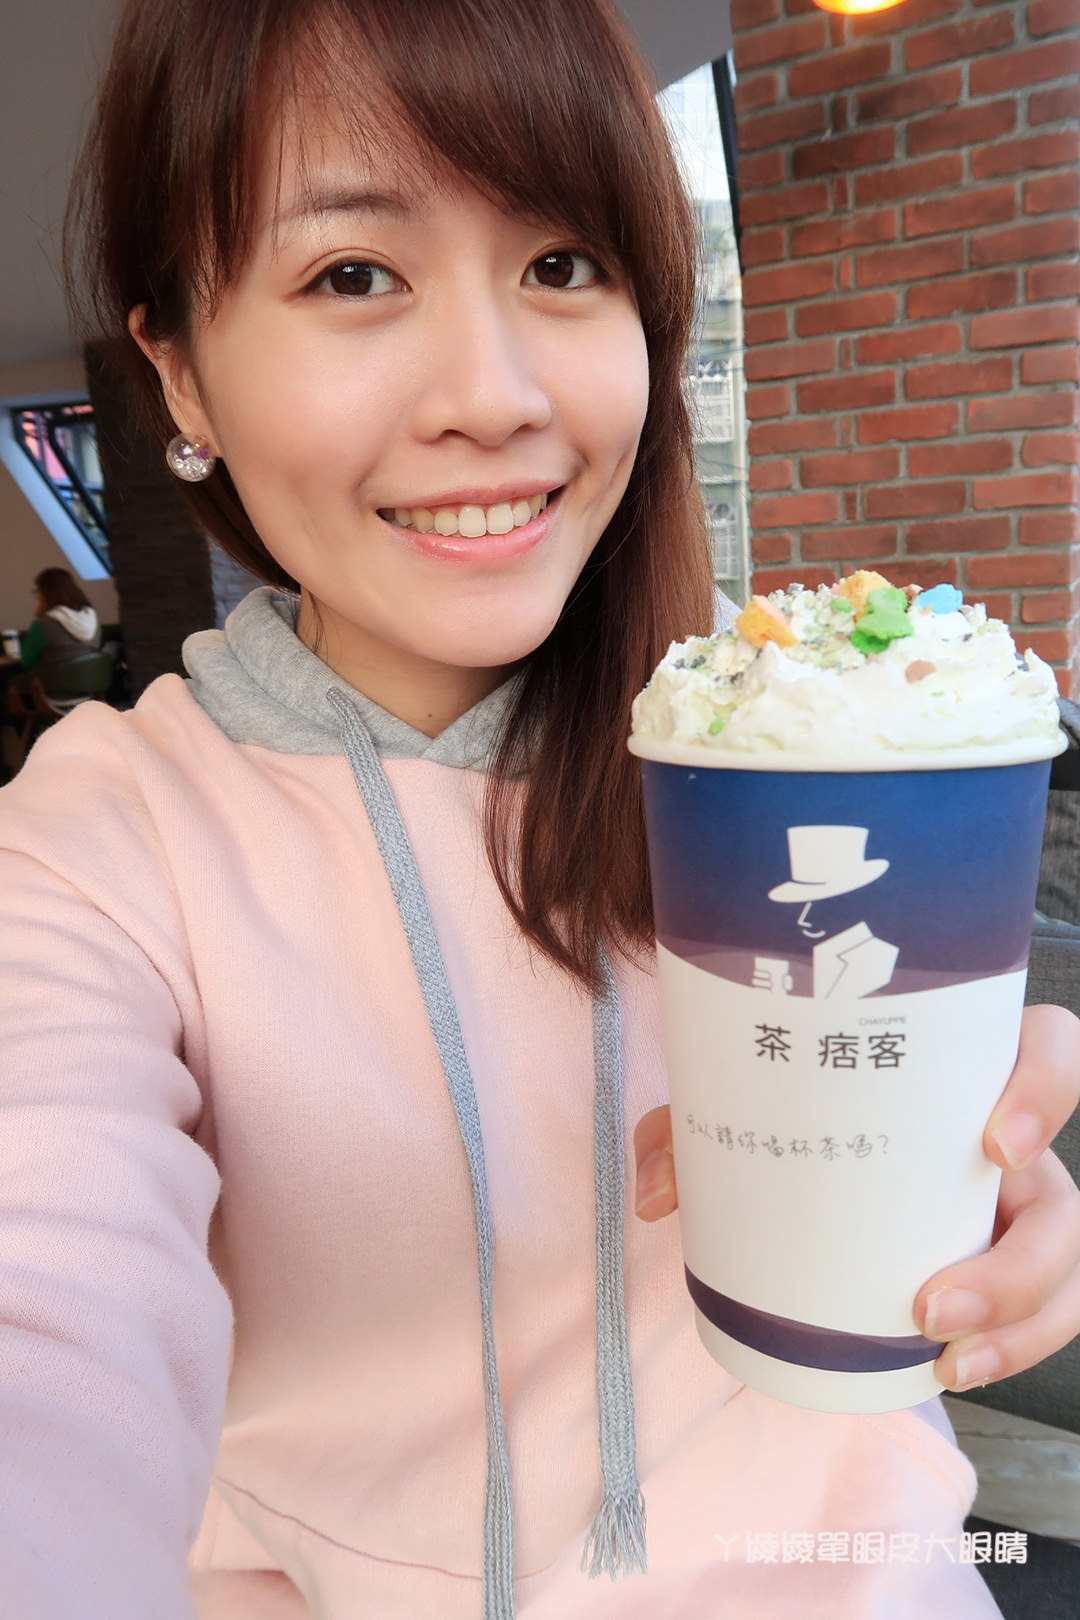 新竹飲料店推薦茶痞客!巨城旁的鑽石玻璃屋,茶品現點現沖!提供WIFI及插座